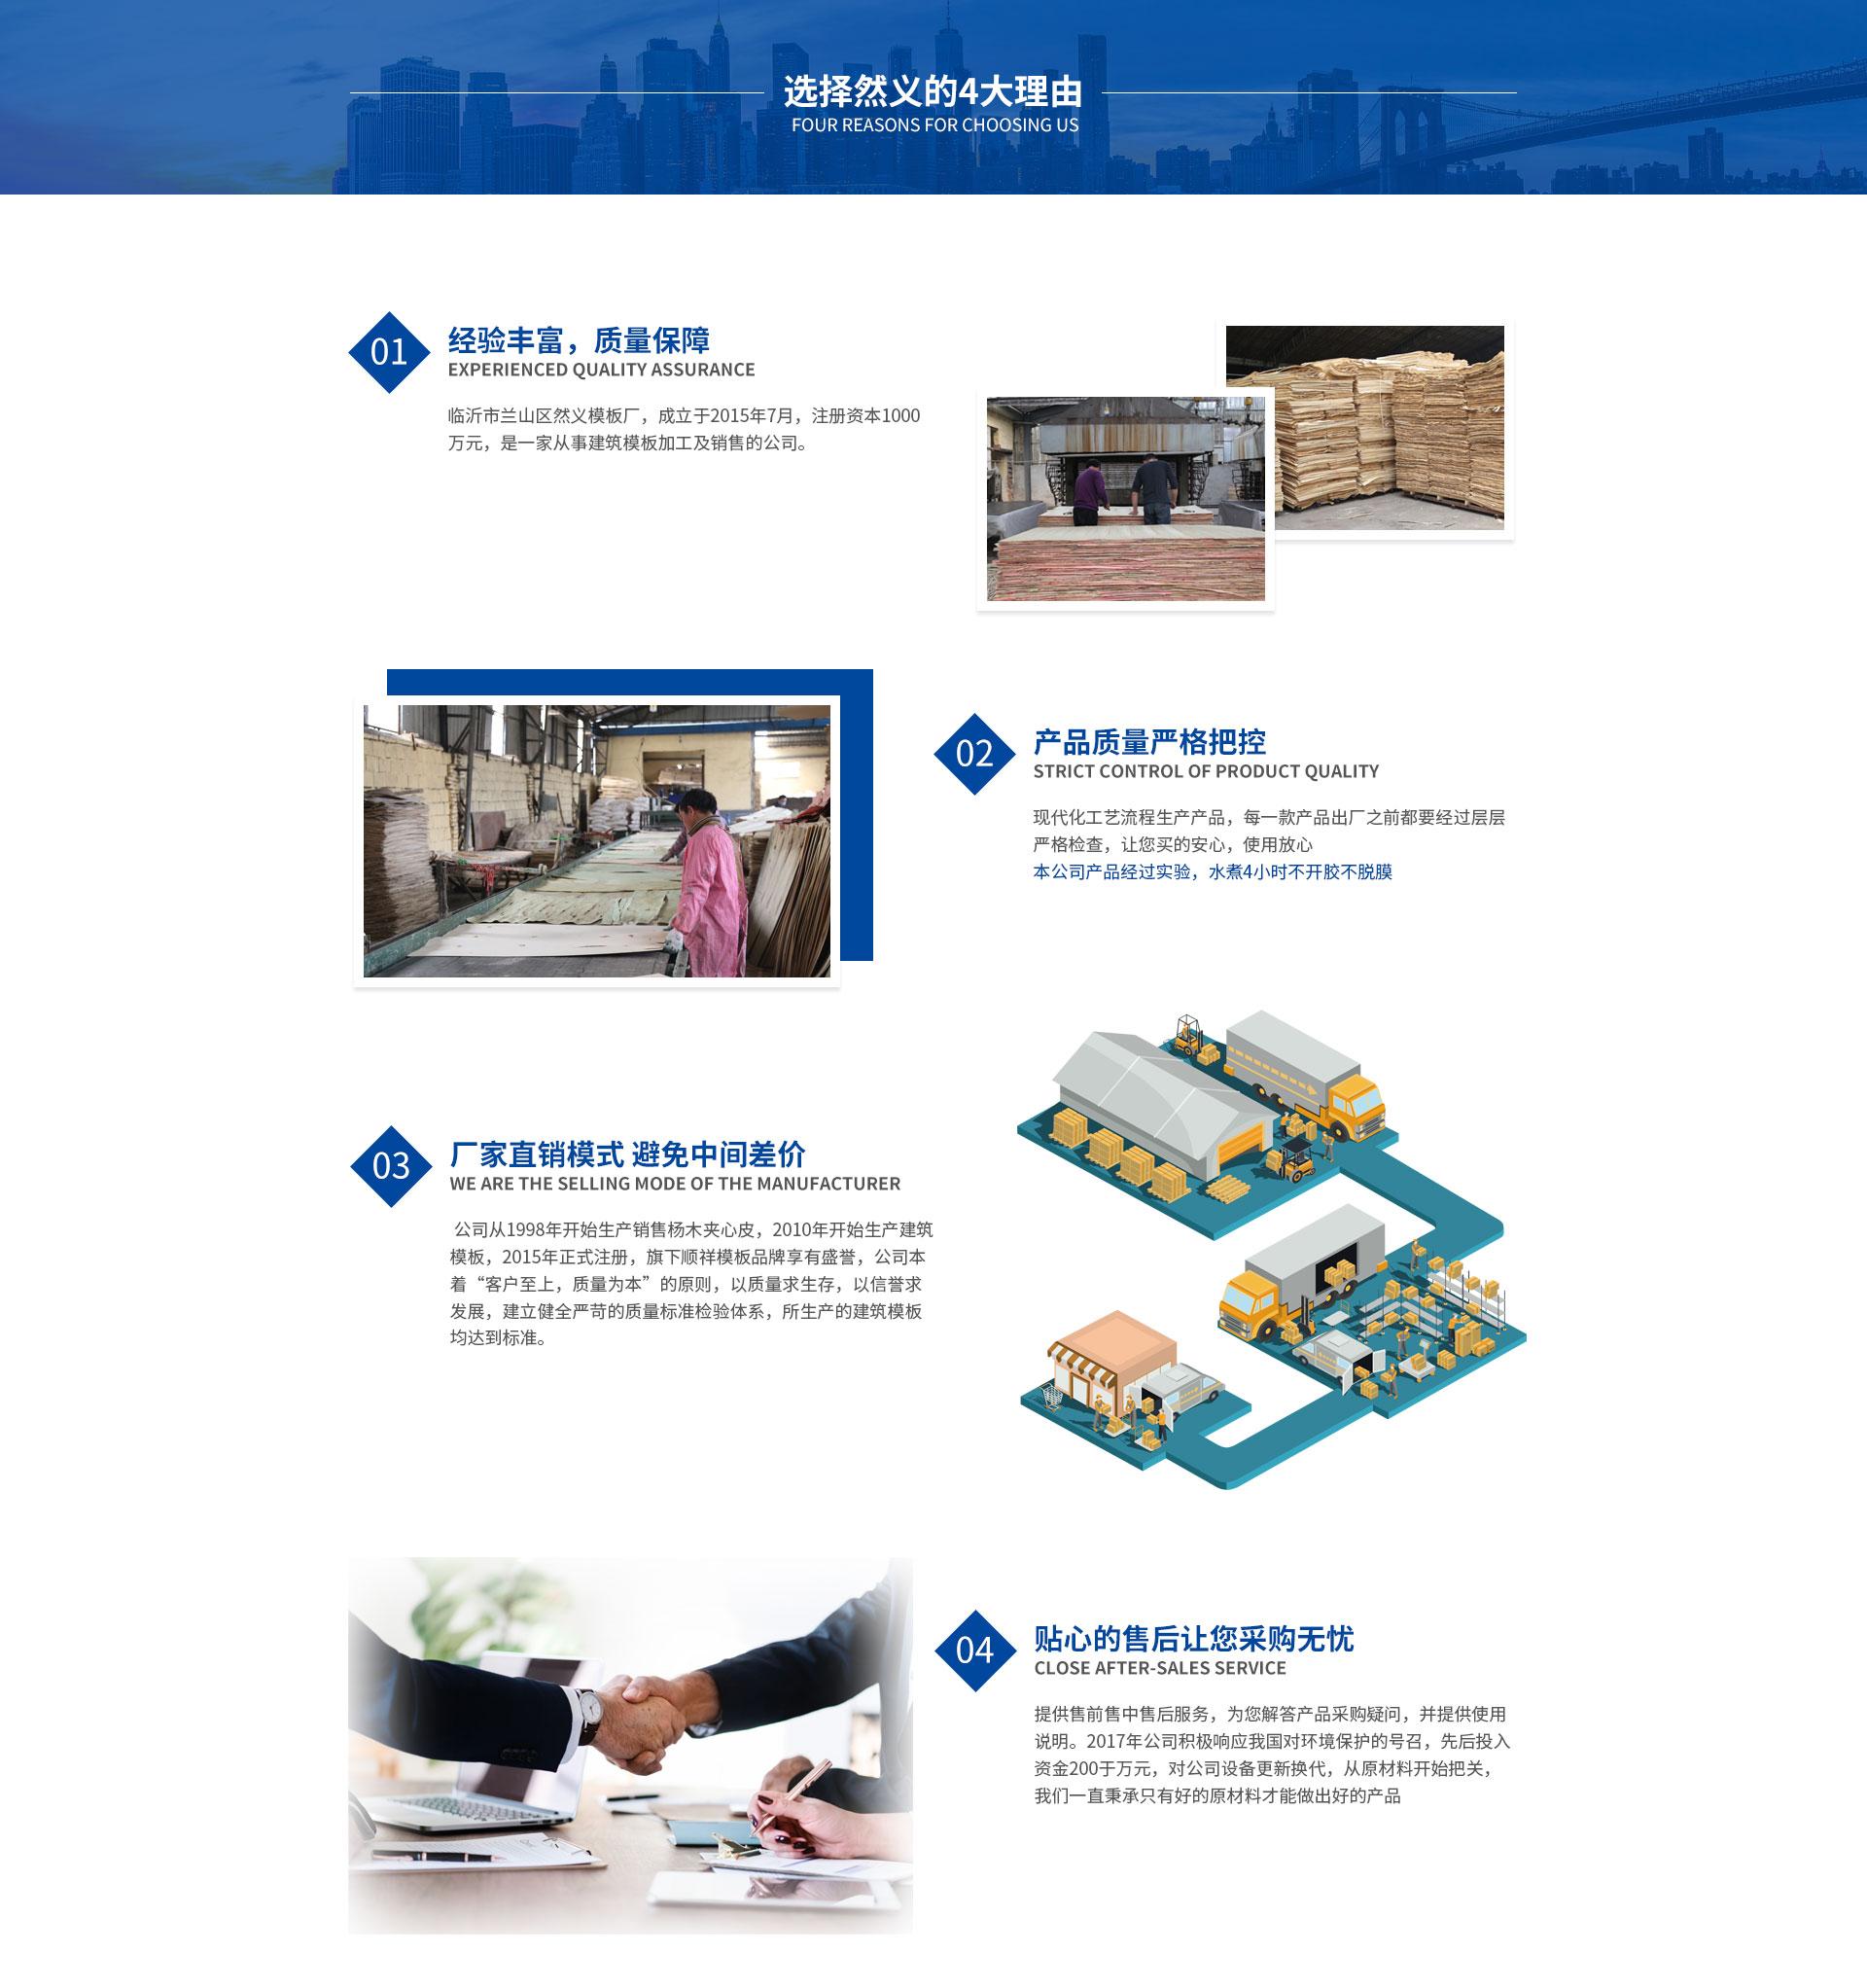 建筑模板厂家,建筑模板生产厂家,清水模板厂家,山东清水模板